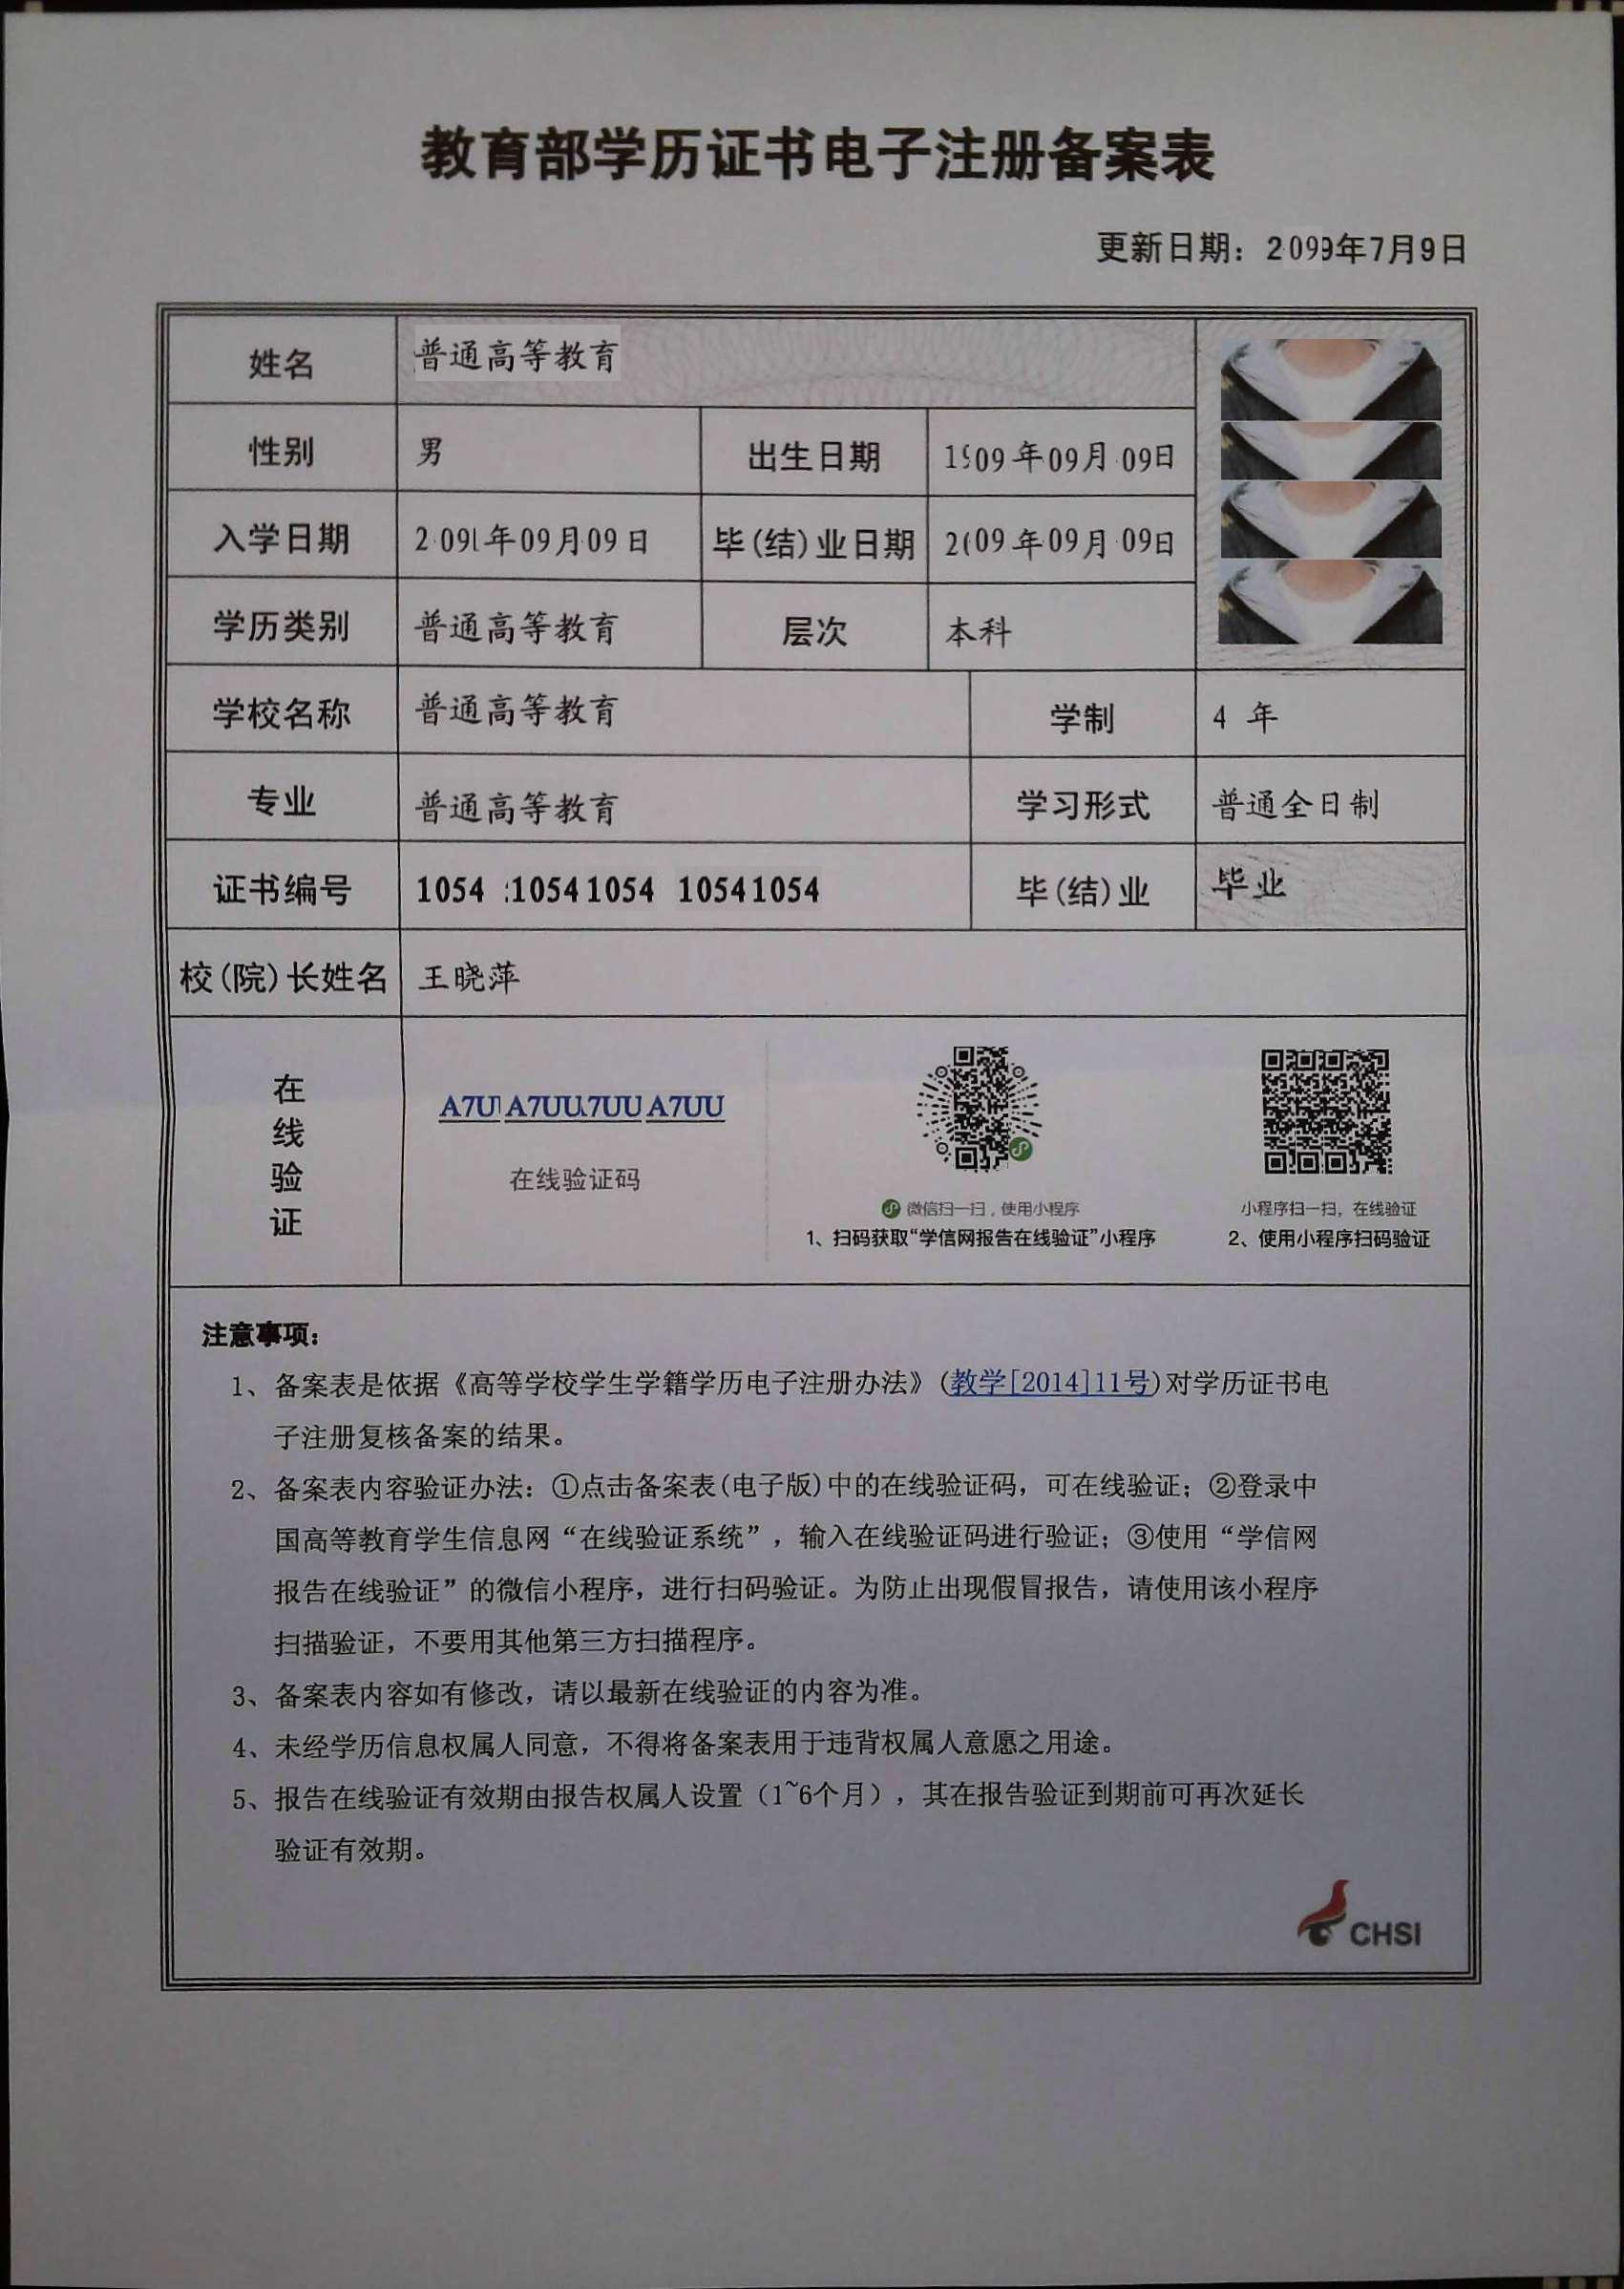 深圳市新引进人才租房和生活补贴申请材料